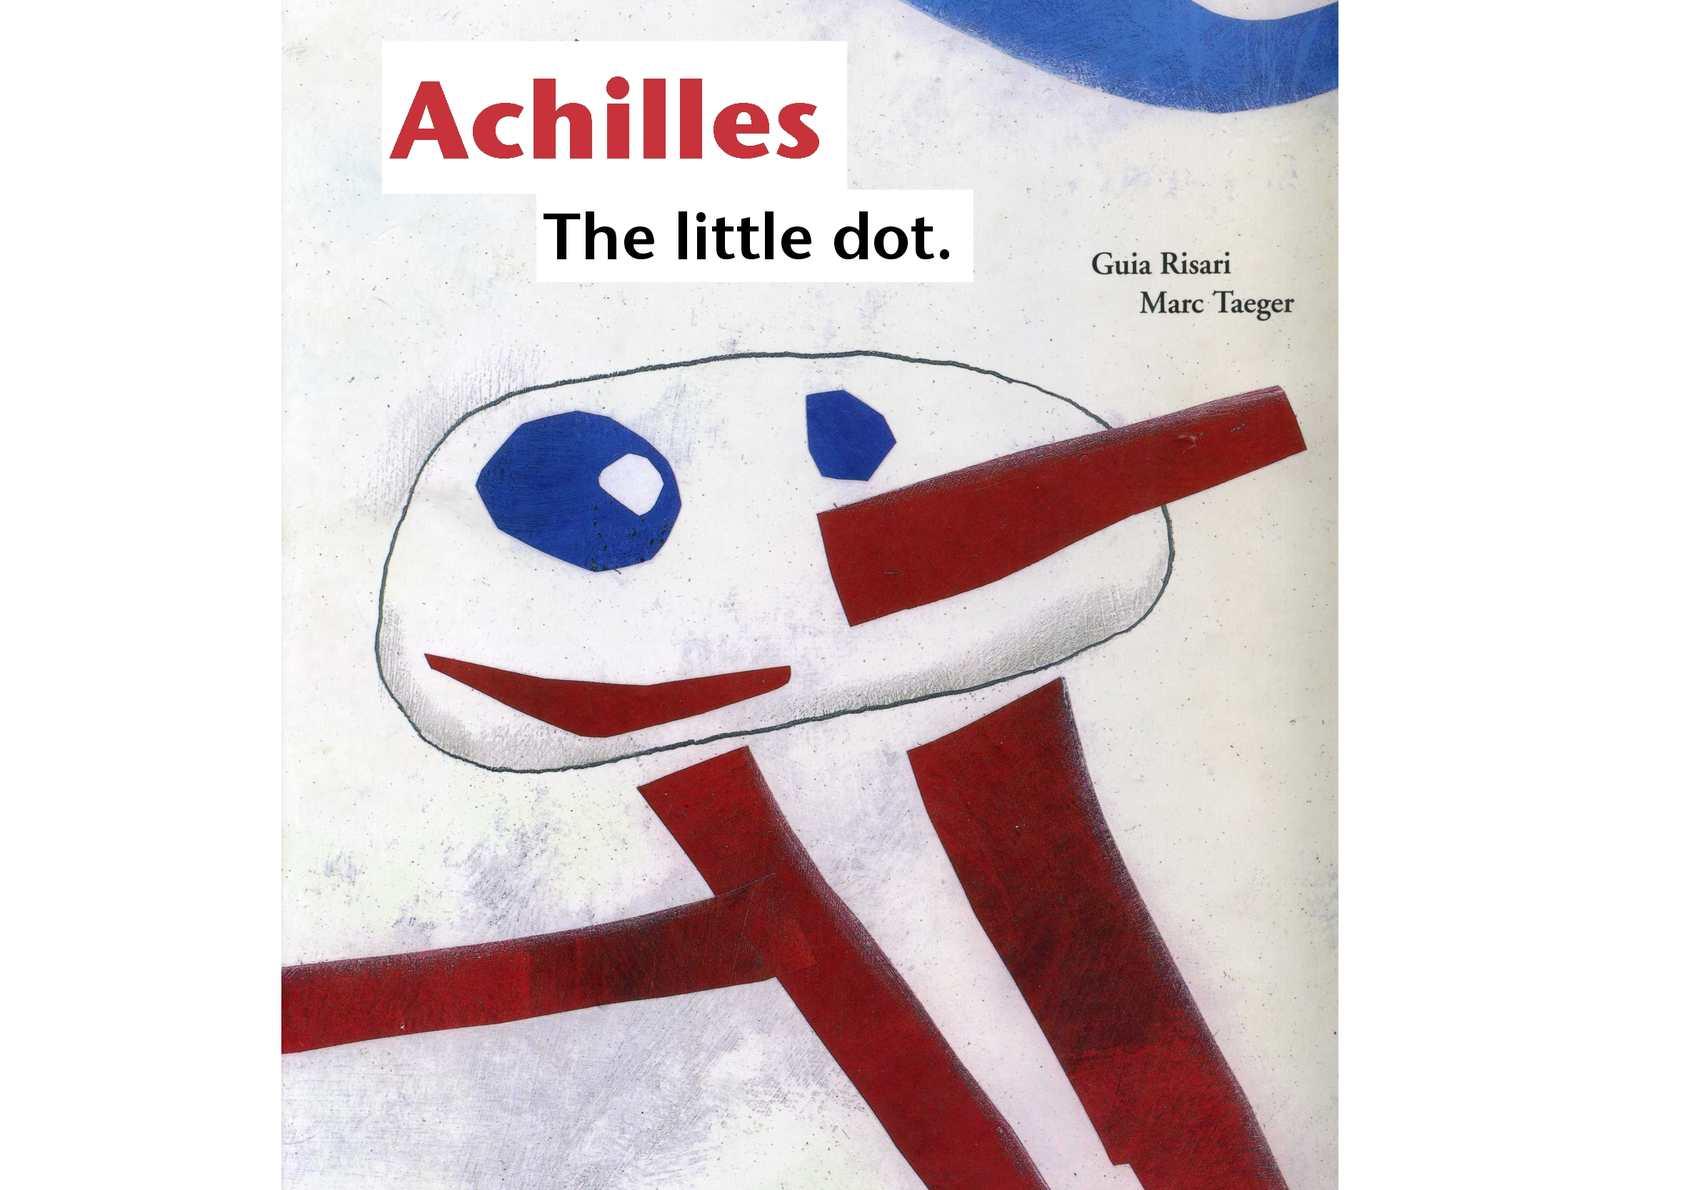 Achilles the little dot (Aquiles el puntito)